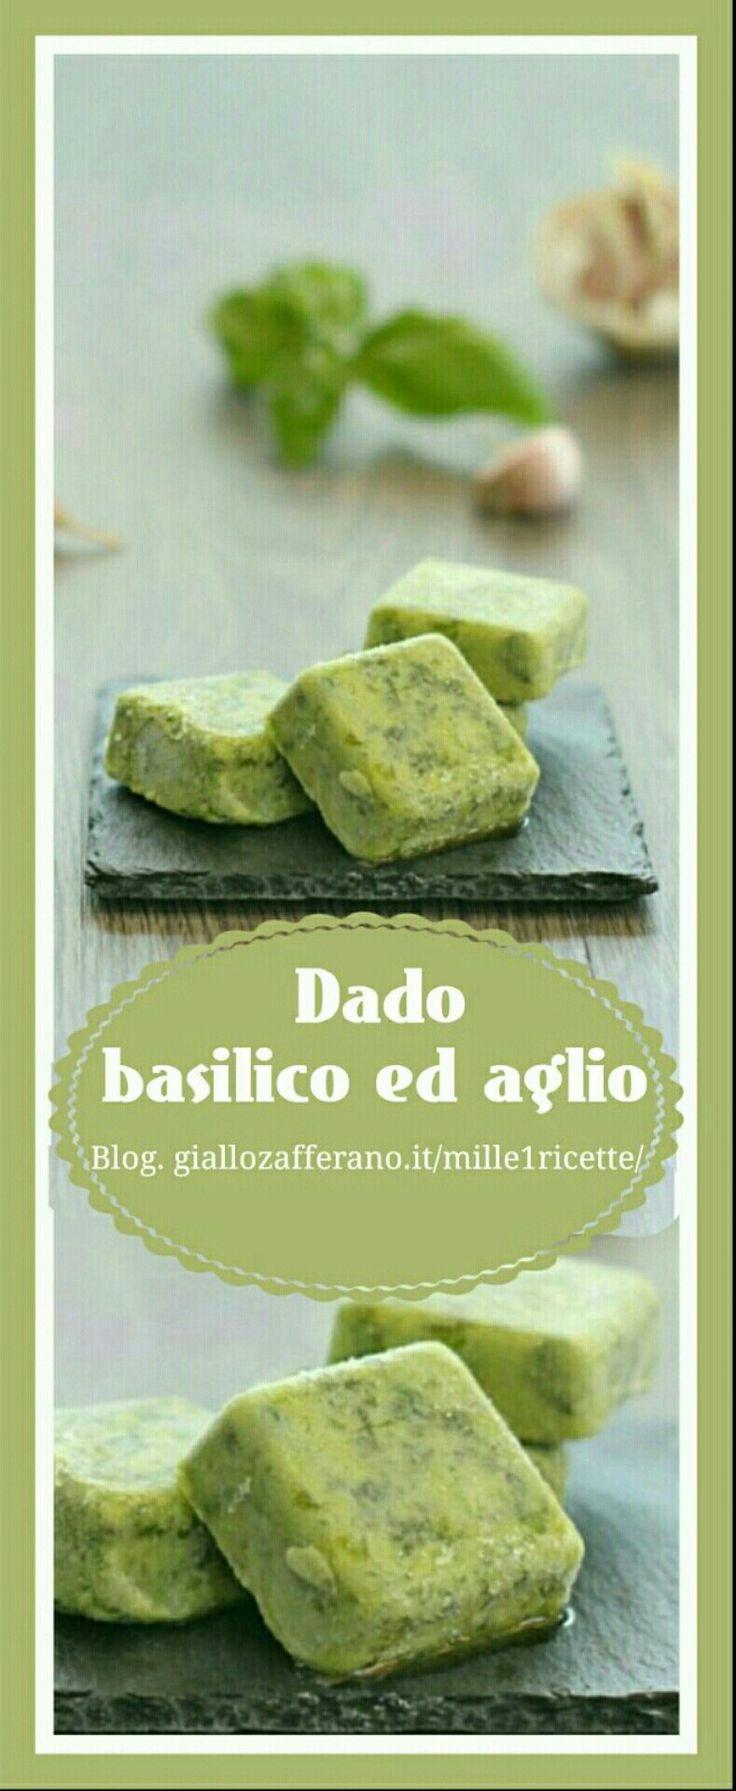 Dado basilico e aglio  http://blog.giallozafferano.it/mille1ricette/dado-basilico-ed-aglio/  Prova a fare questo dado, vedrai che ti sarà molto utile in cucina...